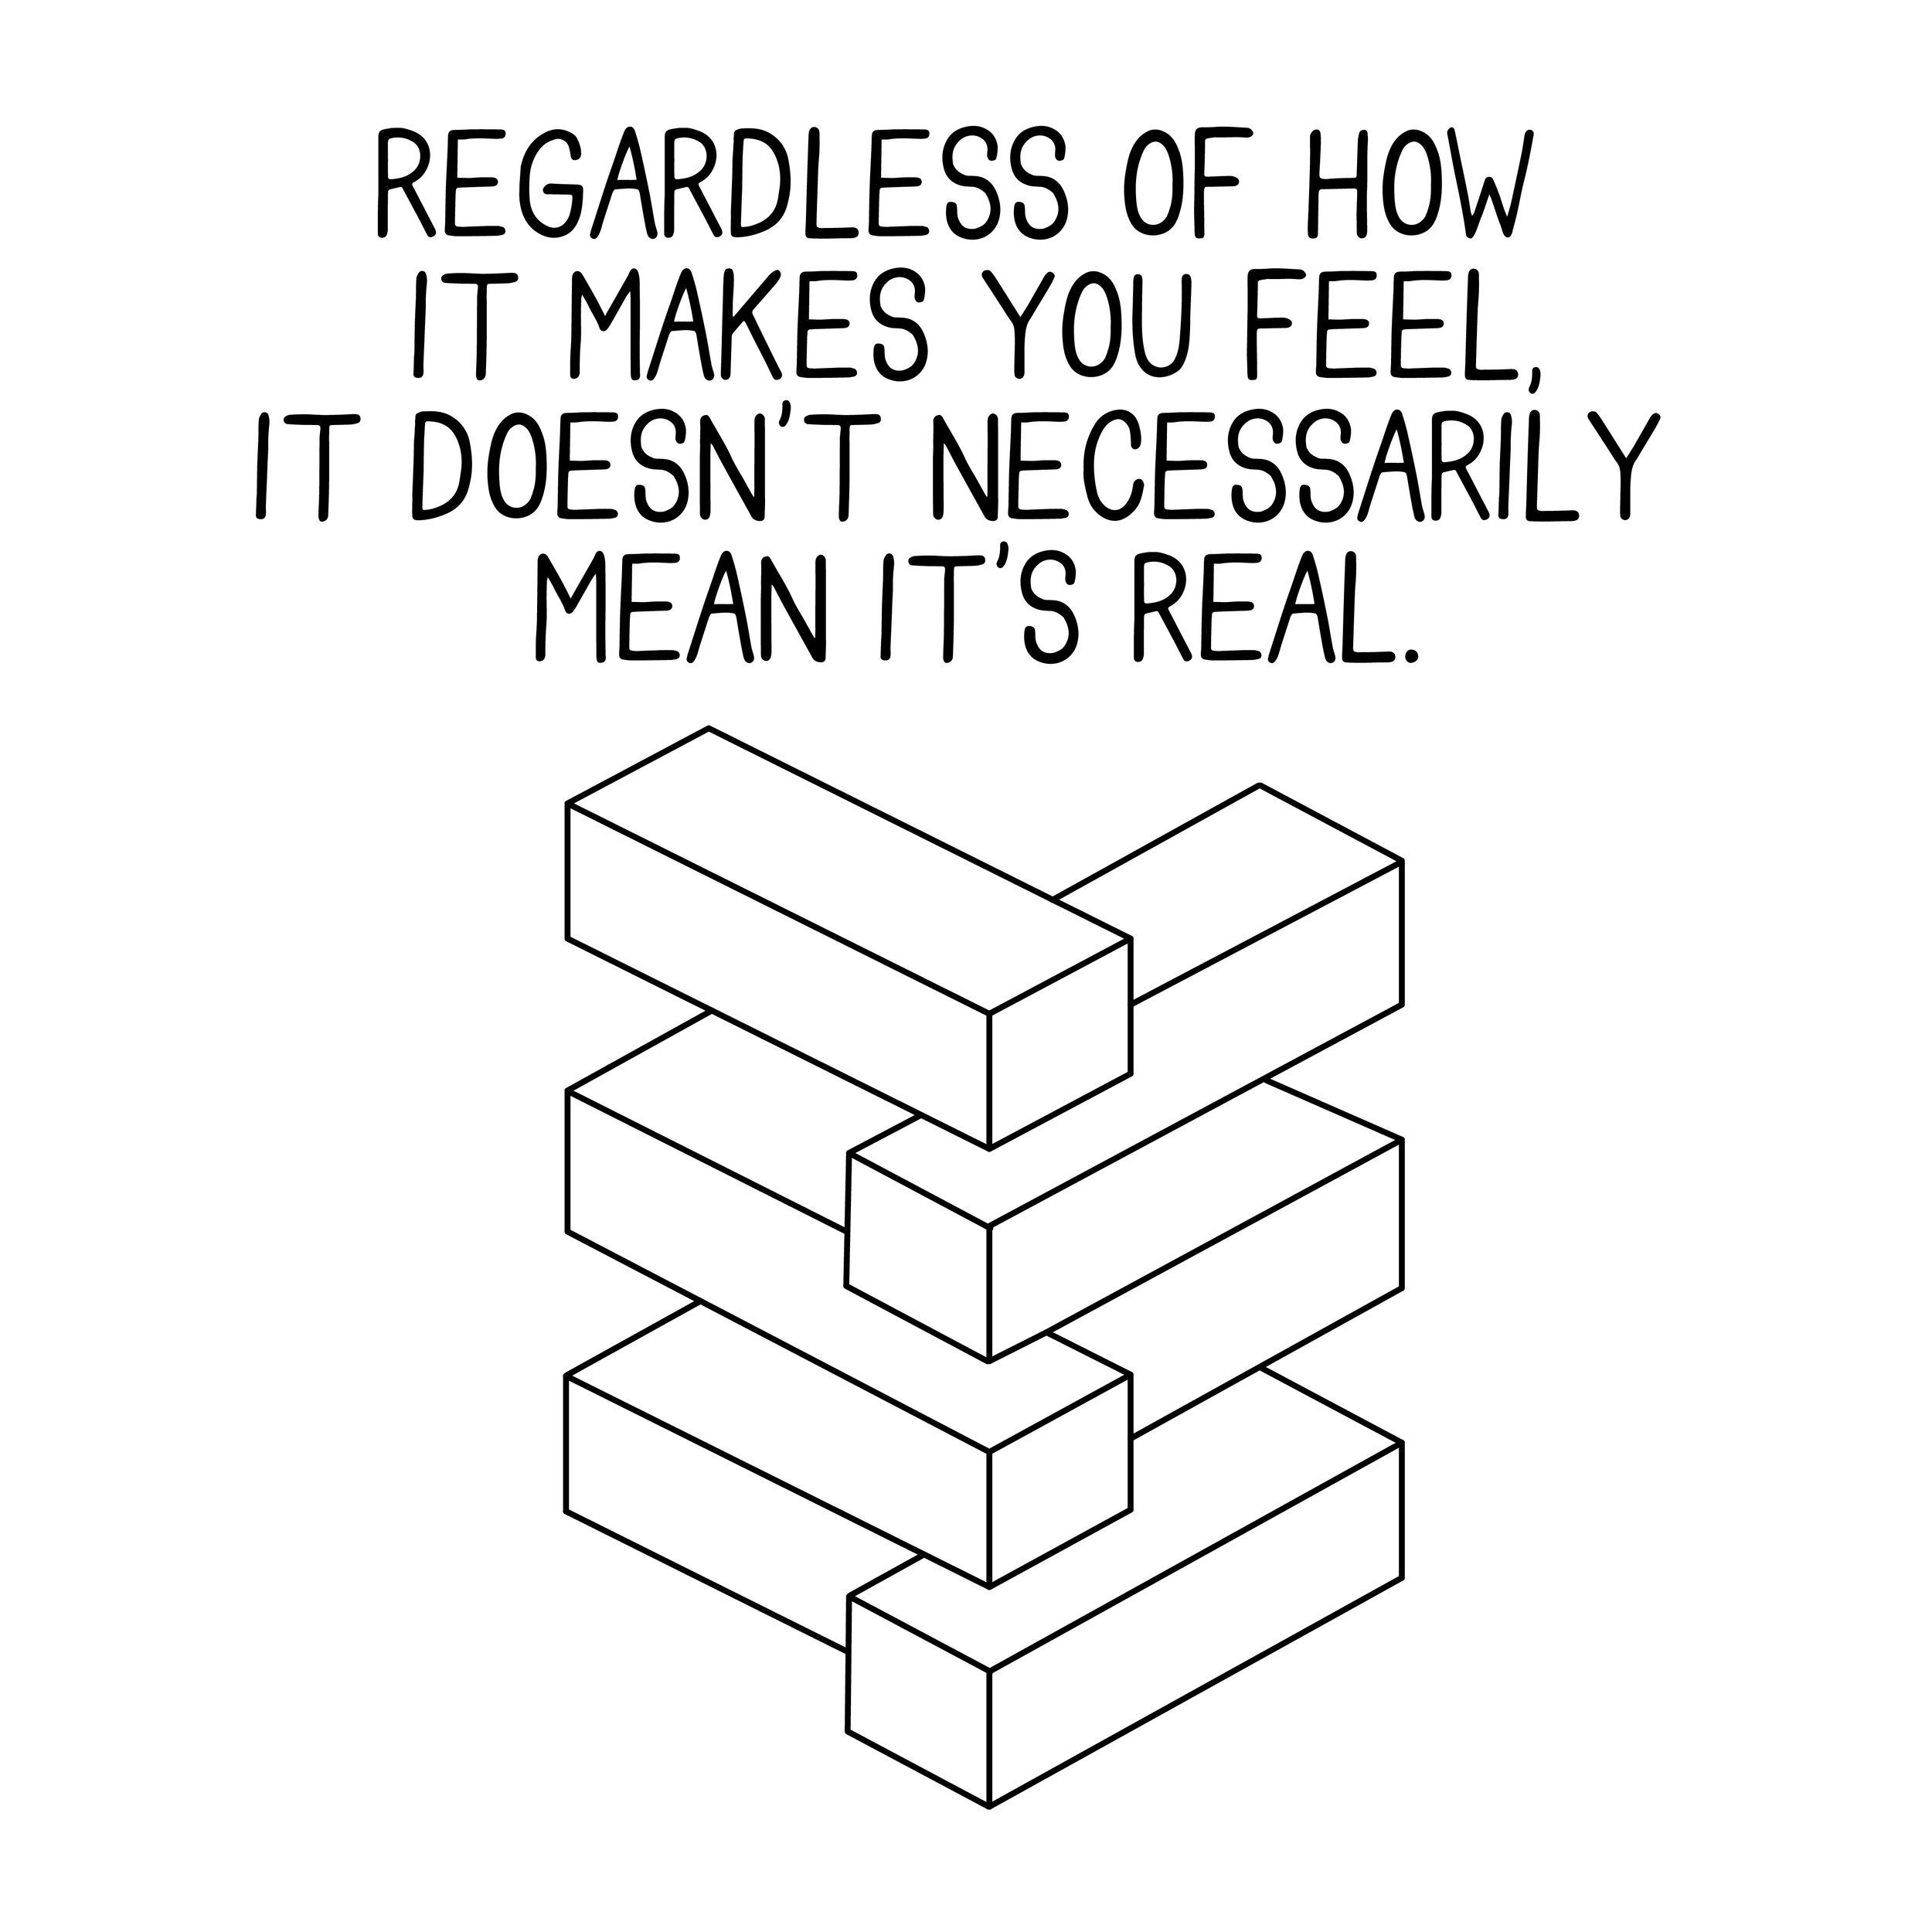 regardless-01.jpg